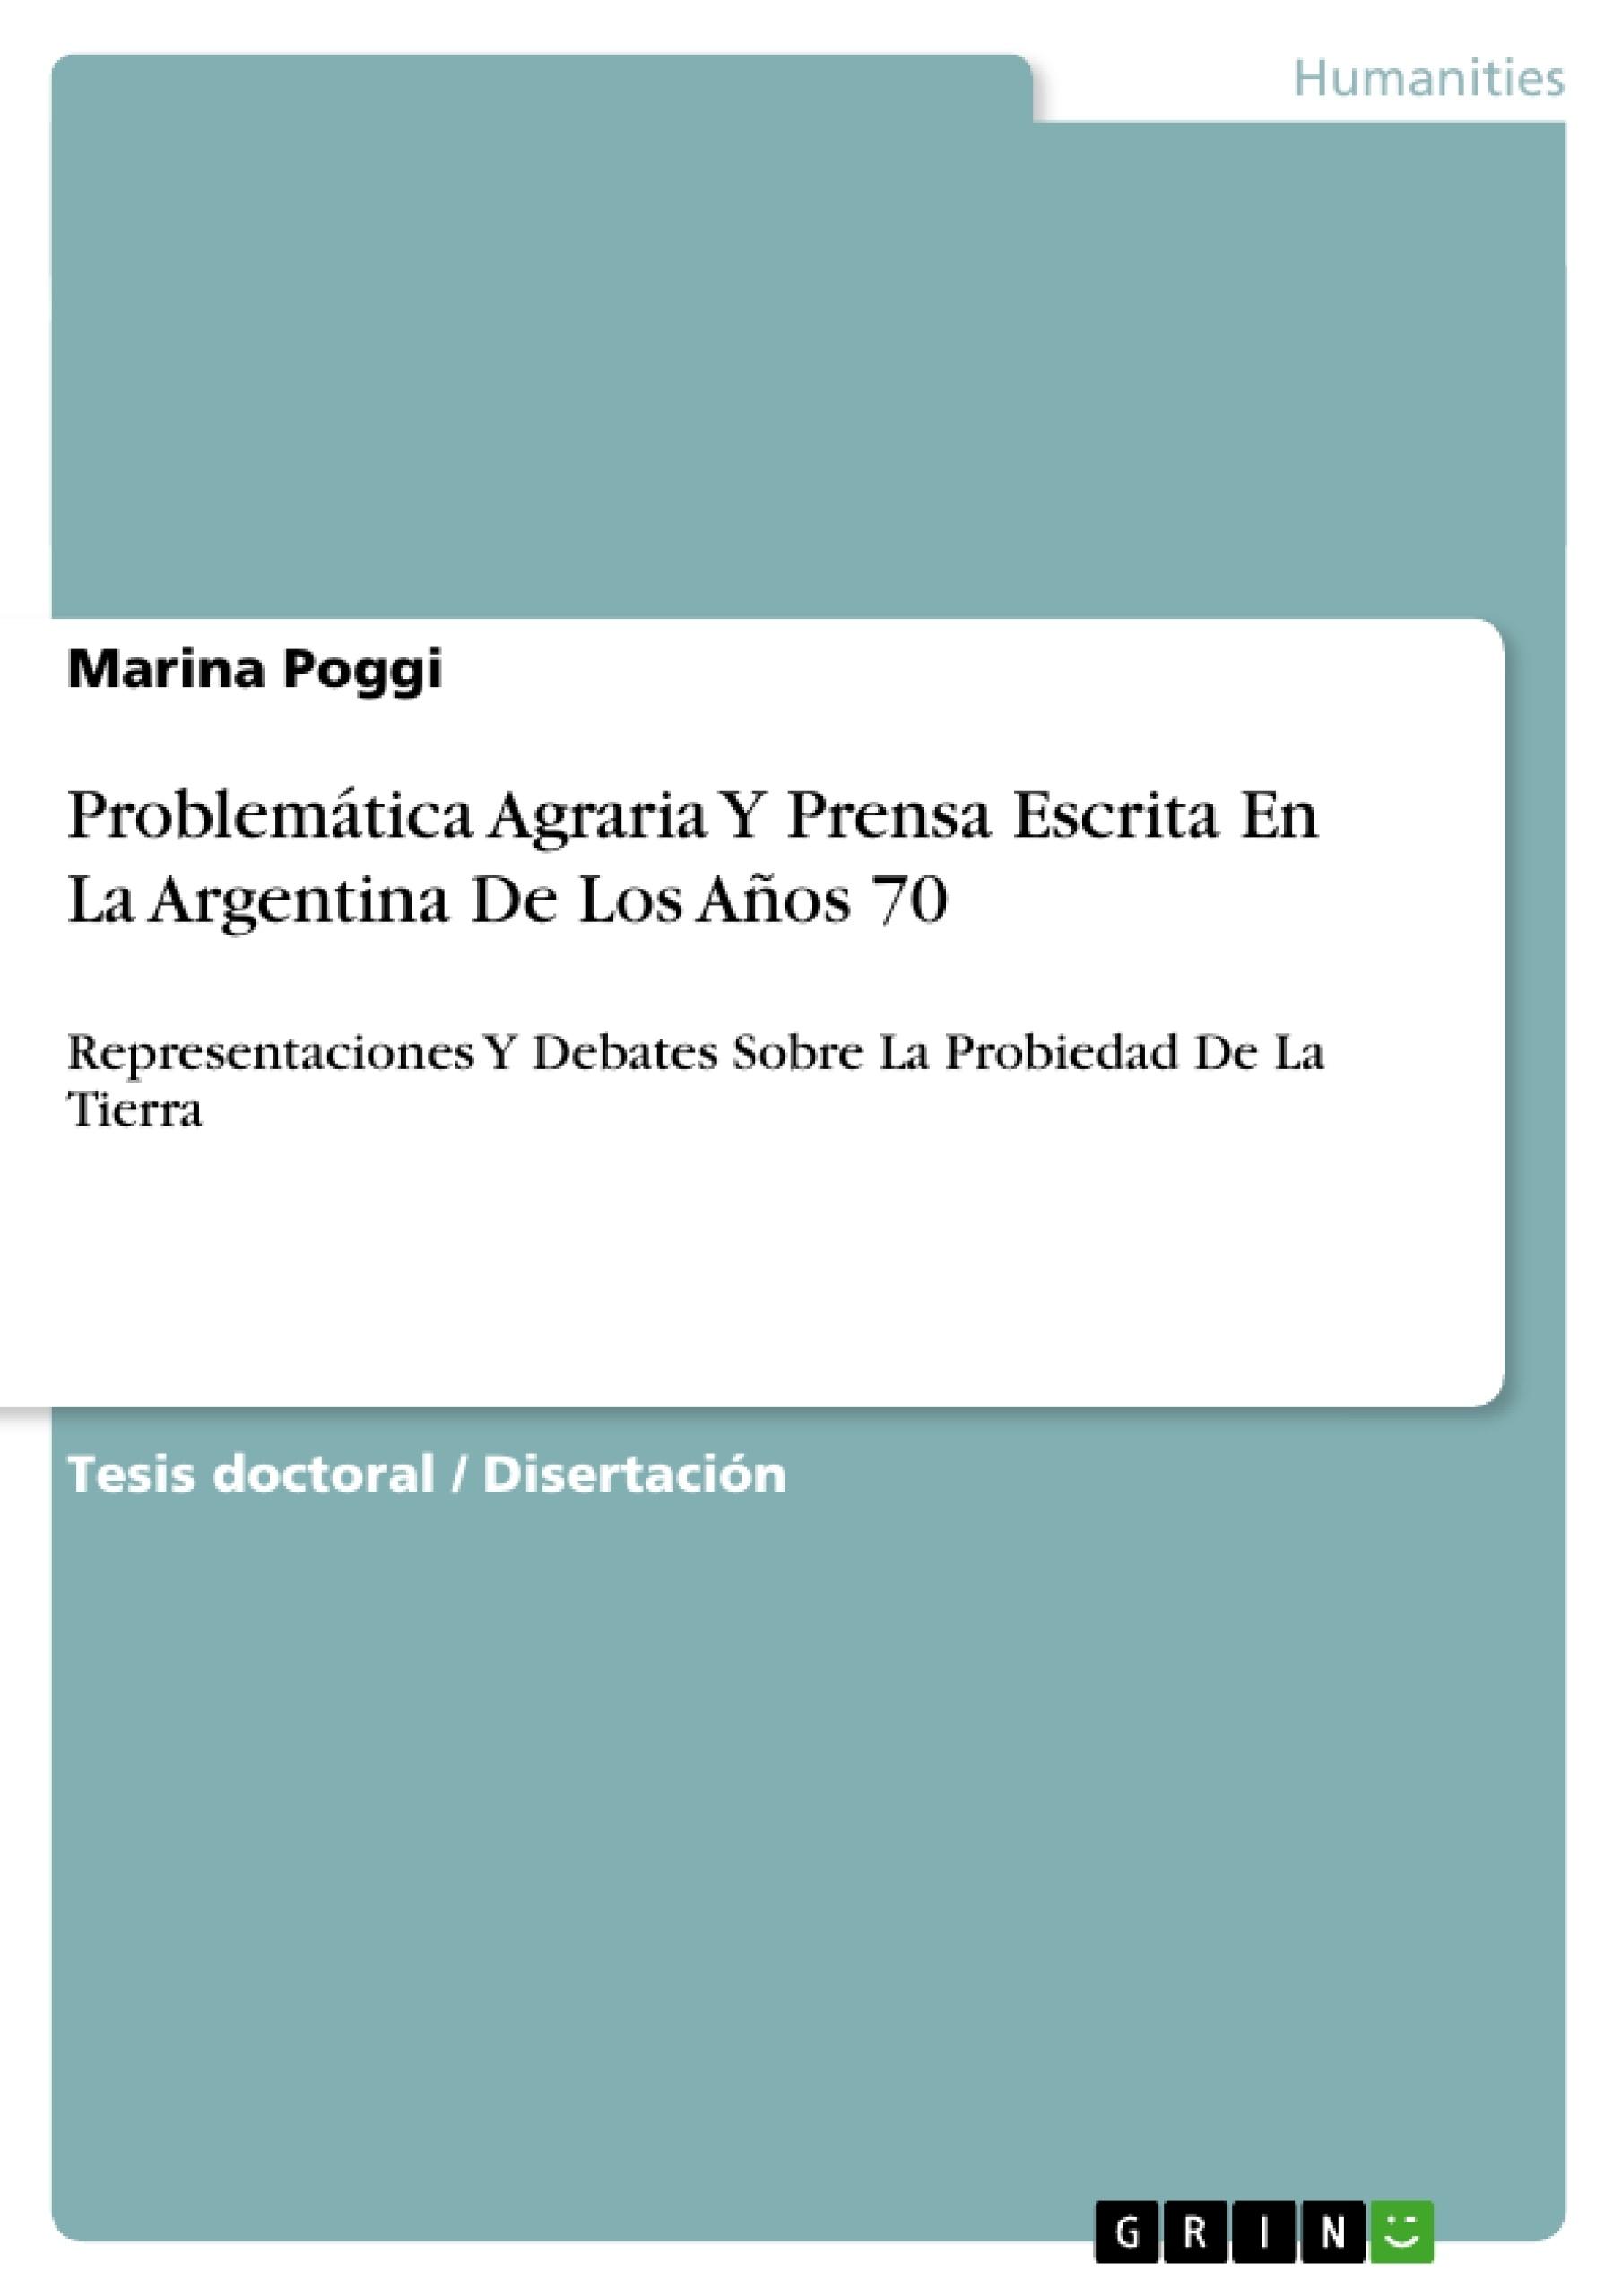 Título: Problemática Agraria Y Prensa Escrita En La Argentina De Los Años 70